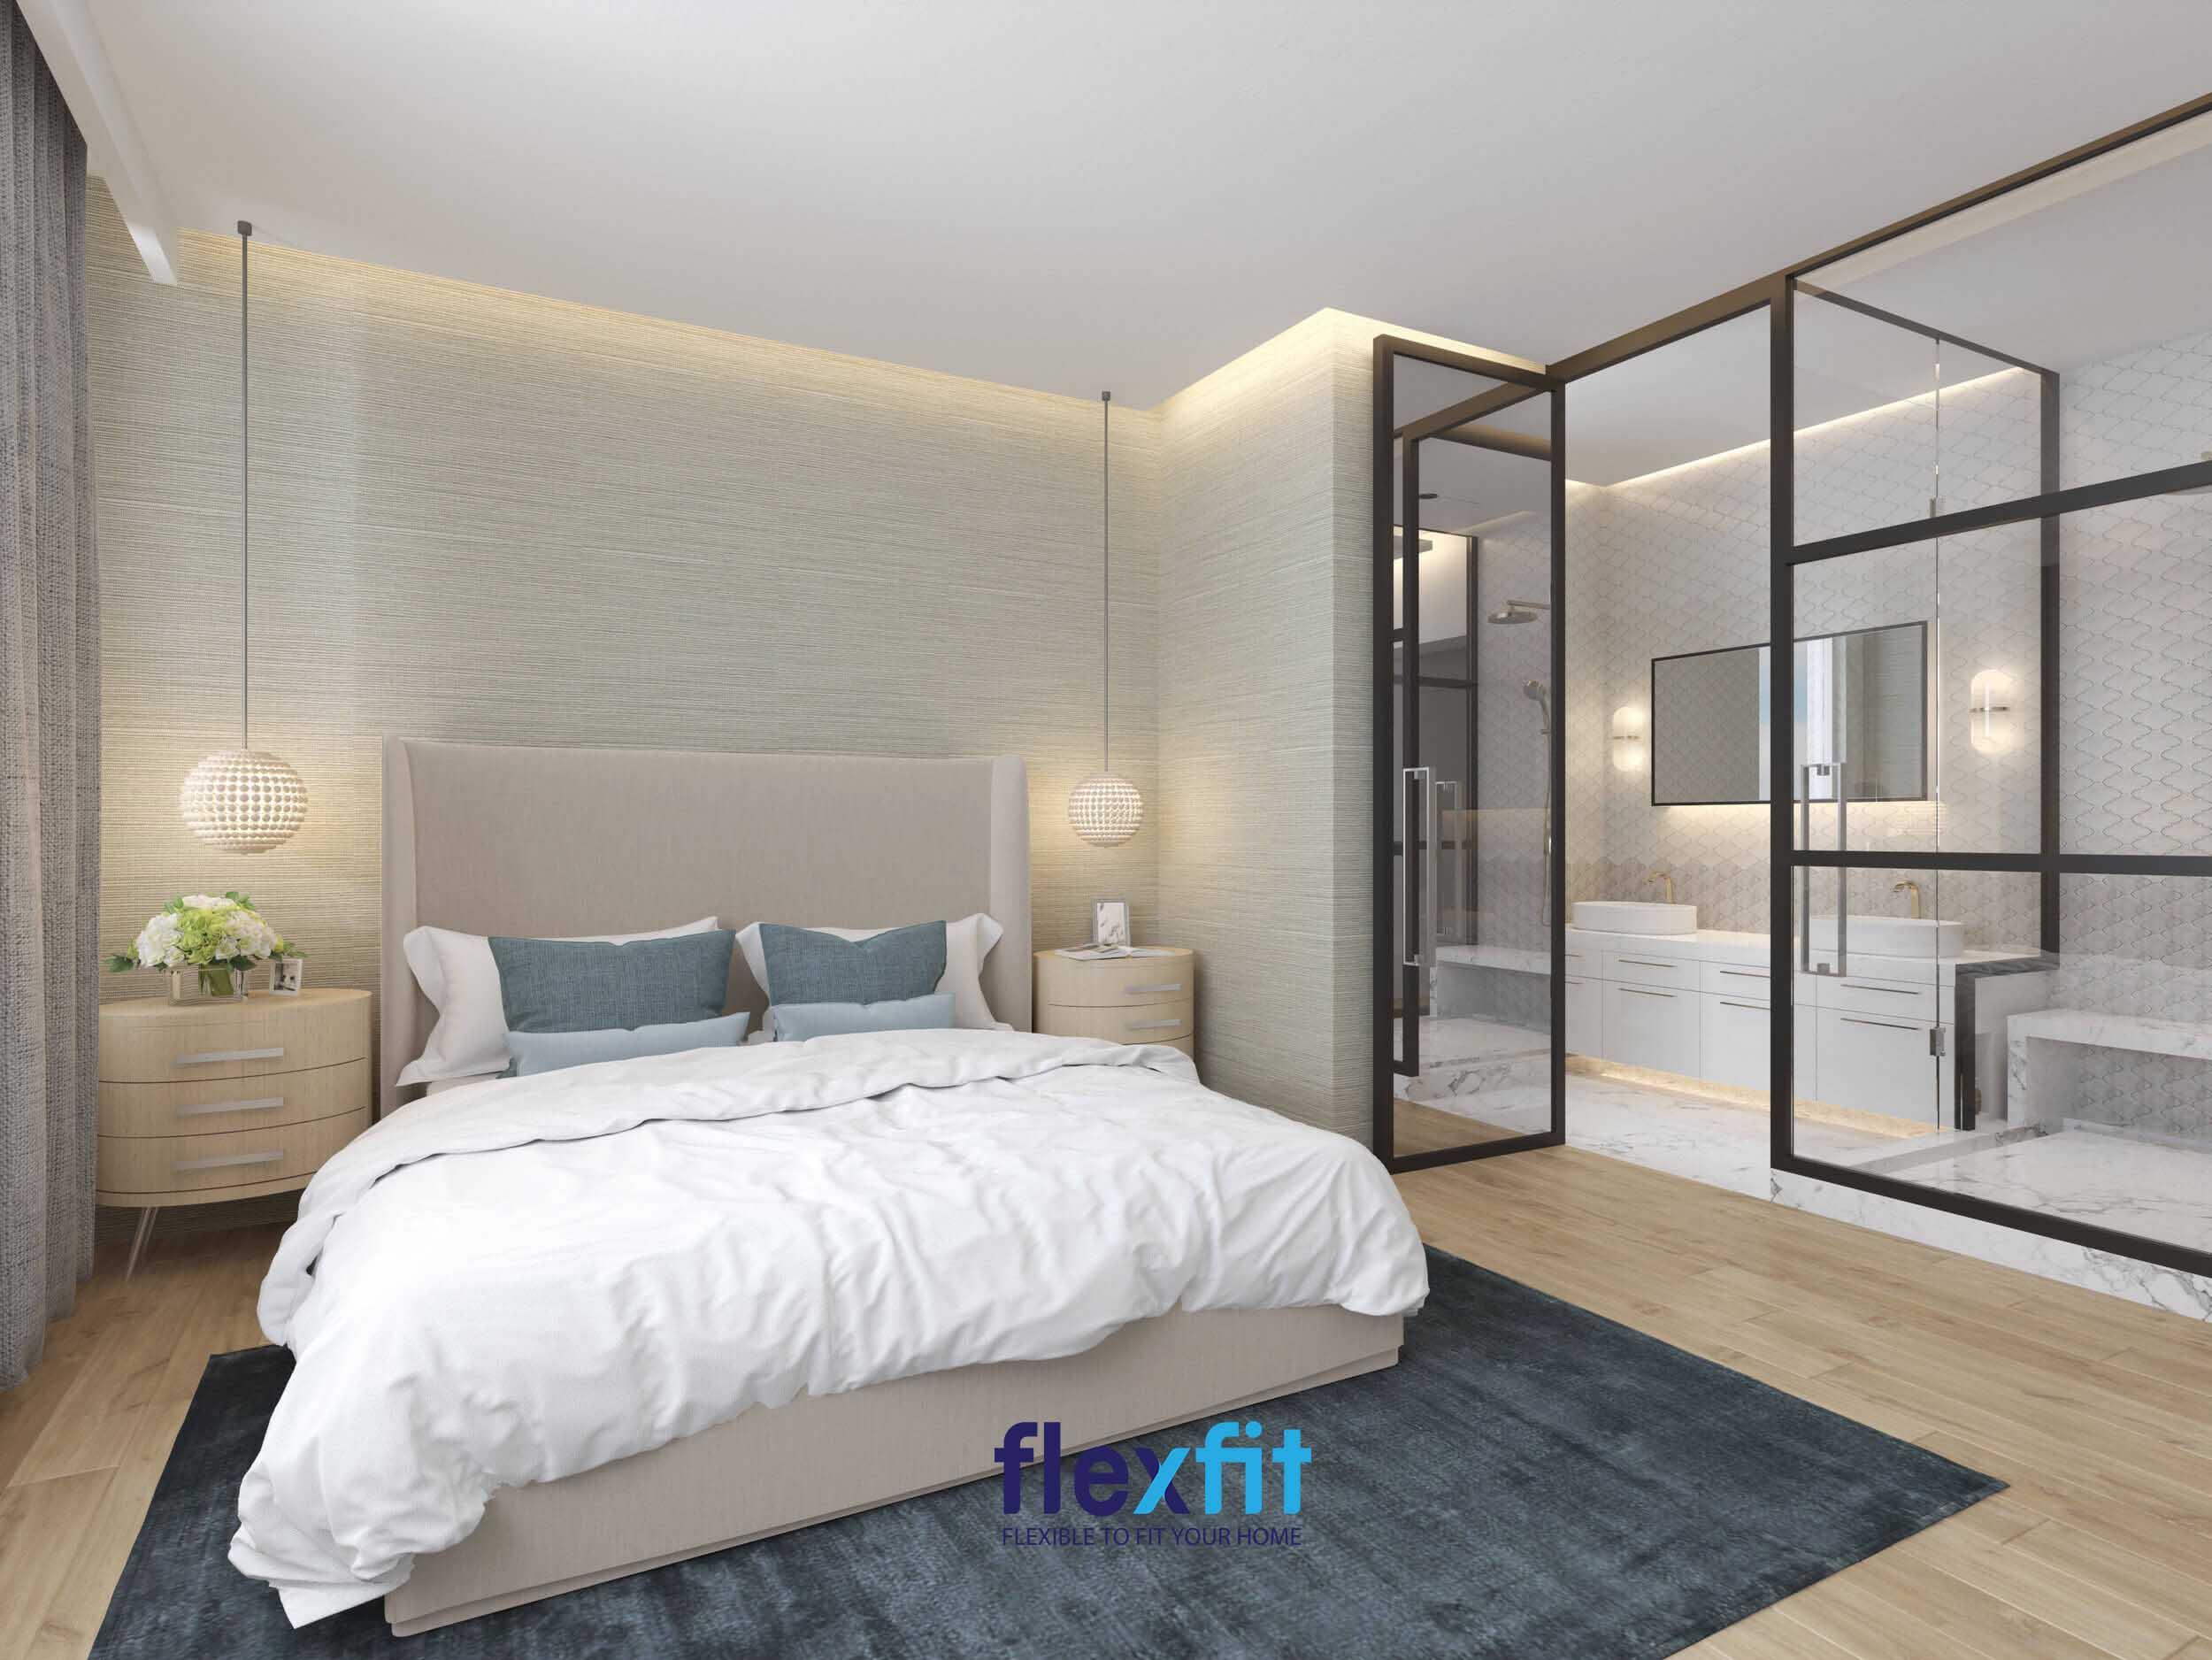 Nội thất phòng ngủ Master bằng gỗ công nghiệp với tông màu trắng đầy nhã nhặn